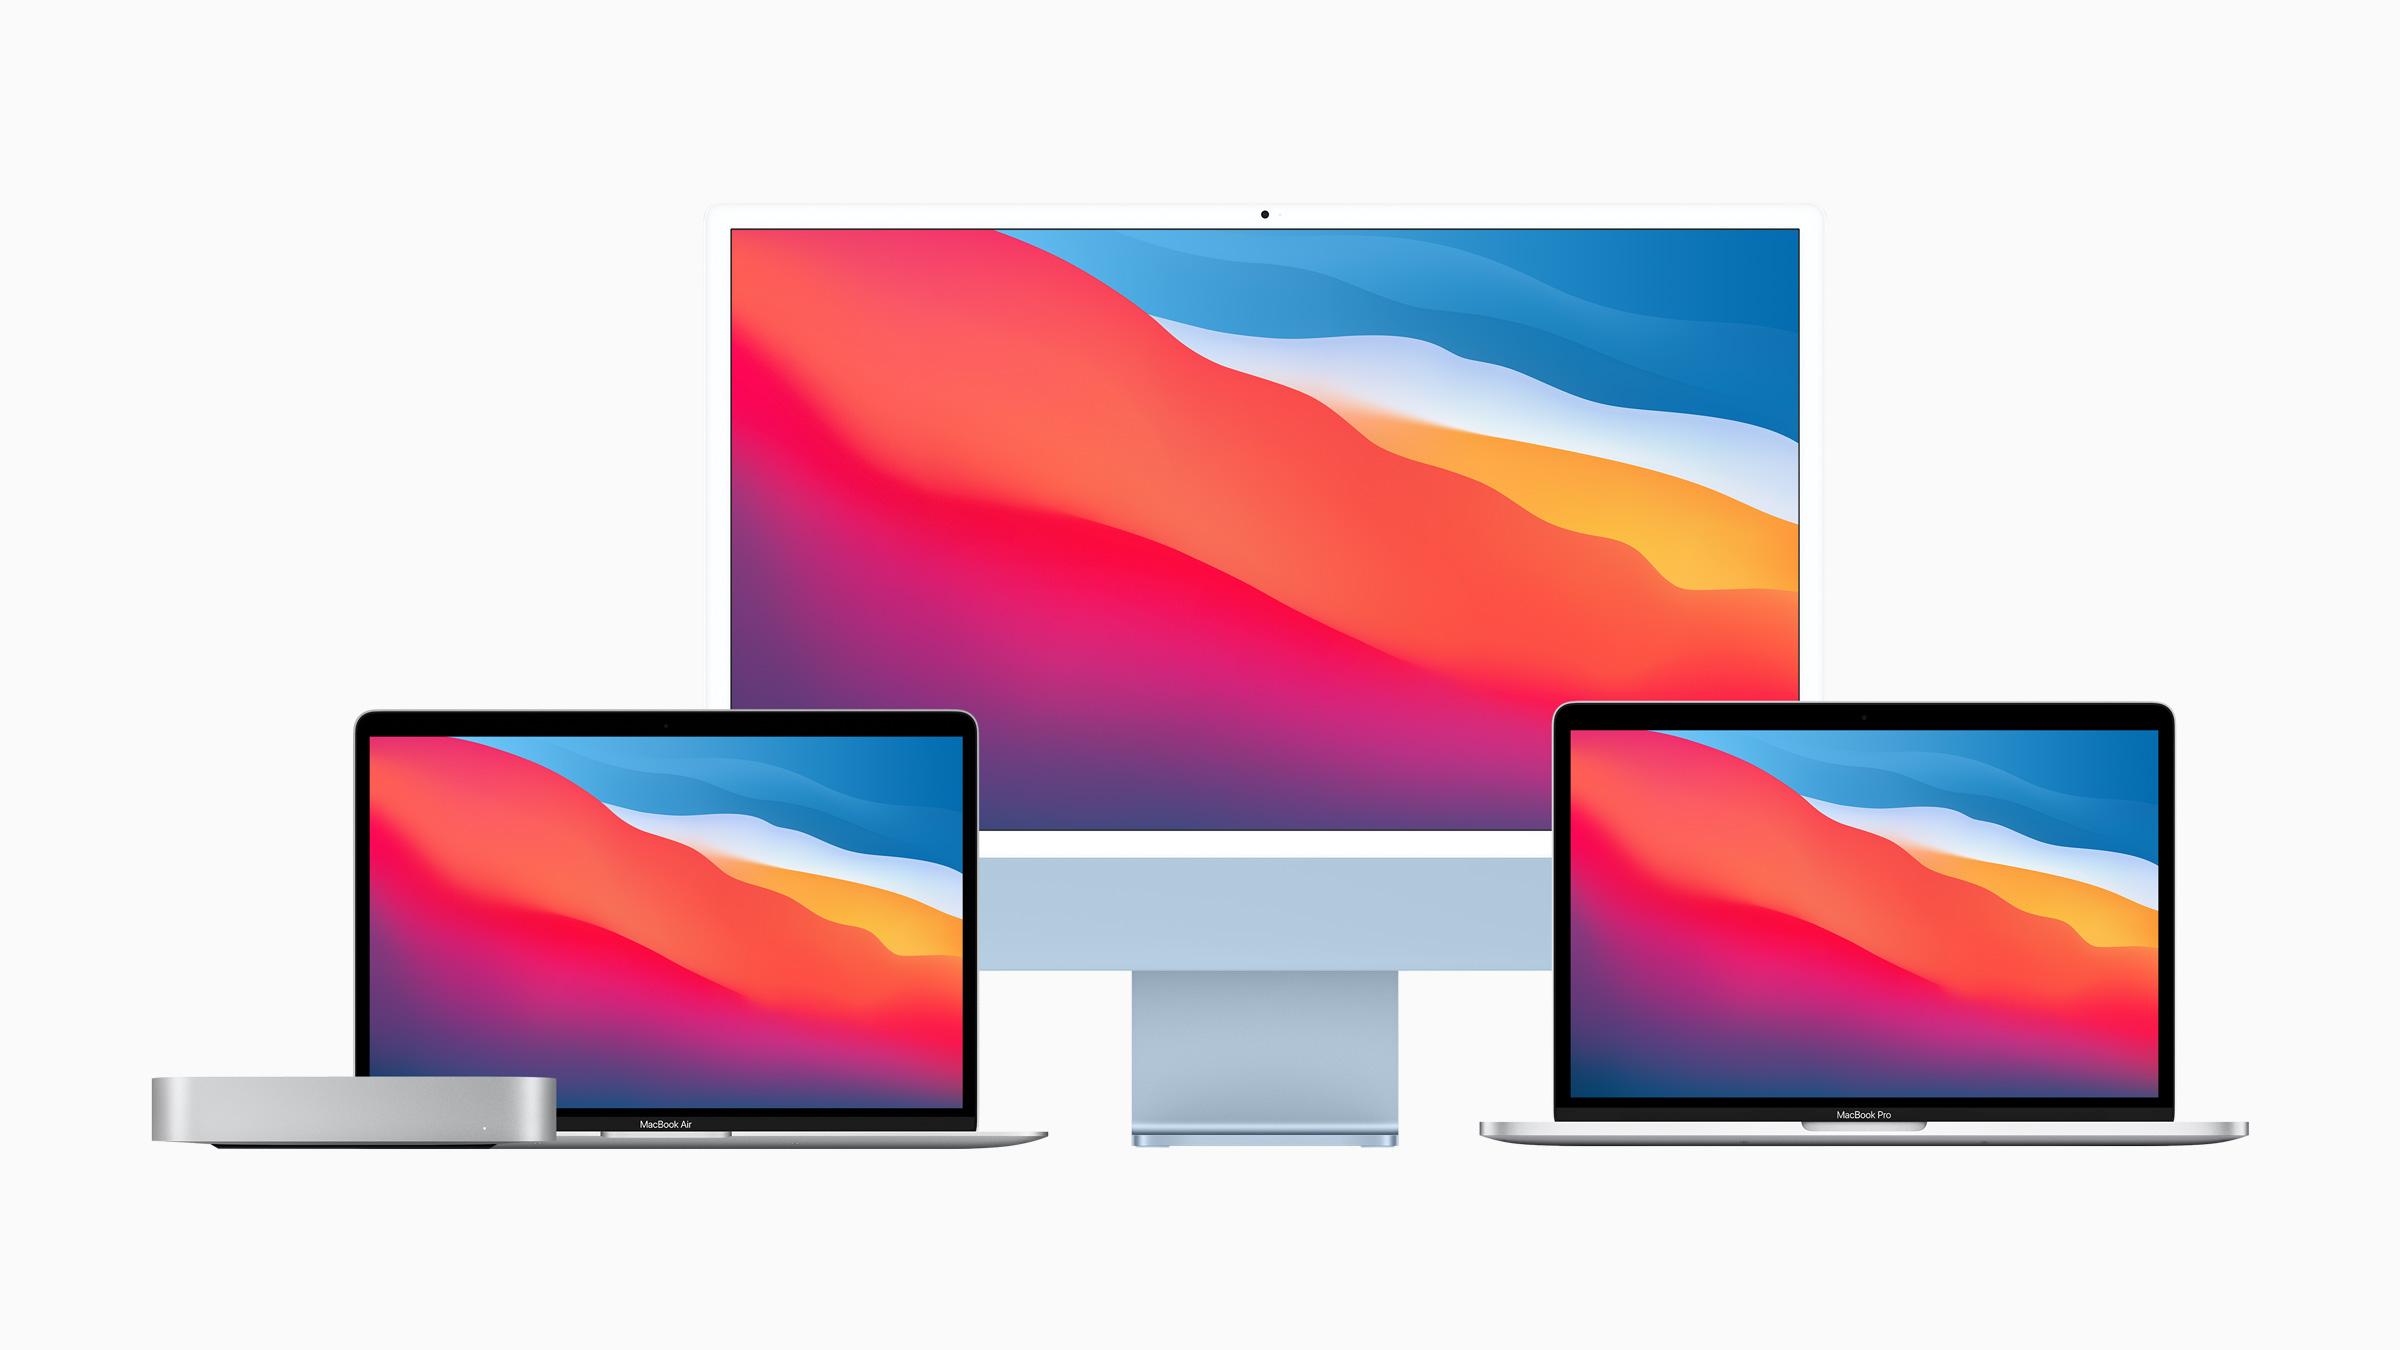 M1 Mac iMac MacBook Air Pro lineup